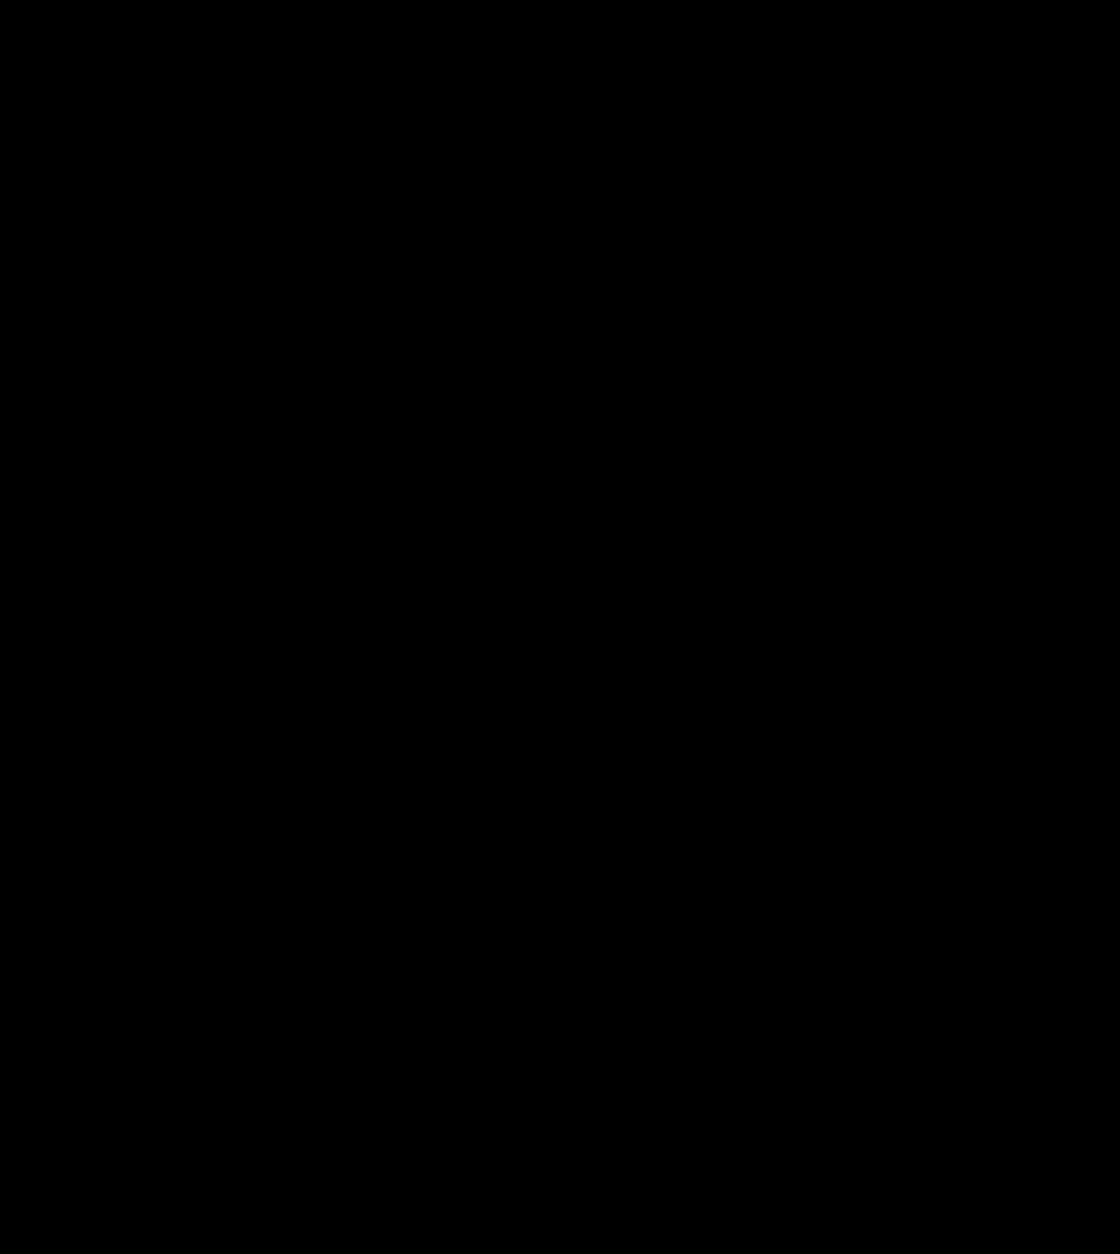 美标法兰标准数据ANSI B16.5